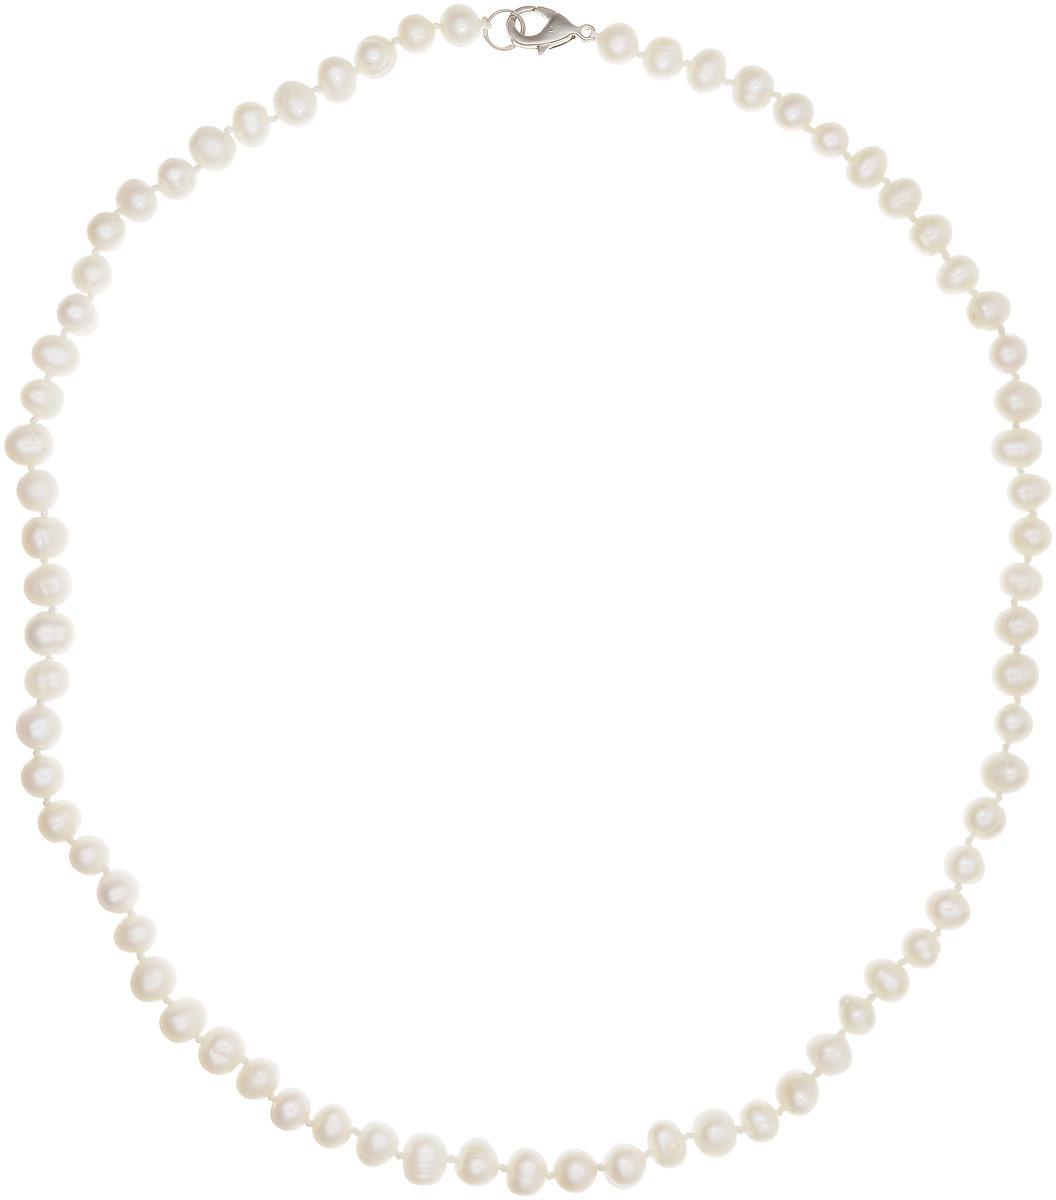 Бусы Art-Silver, цвет: белый, длина 55 см. КЖб7-8А55-513КЖб7-8А55-513Бусы Art-Silver выполнены из культивированного жемчуга, нанизанного на текстильную нить. Украшение имеет удобный замок-карабин из бижутерного сплава. Мелкие бусины диаметром 5-7 мм из натурального культивированного жемчуга нежно-бежевого цвета имеют слегка неоднородную форму, что подчеркивает естественное происхождение жемчужин. Благородный перламутровый блеск жемчуга подчеркнет вашу элегантность и превосходный вкус.